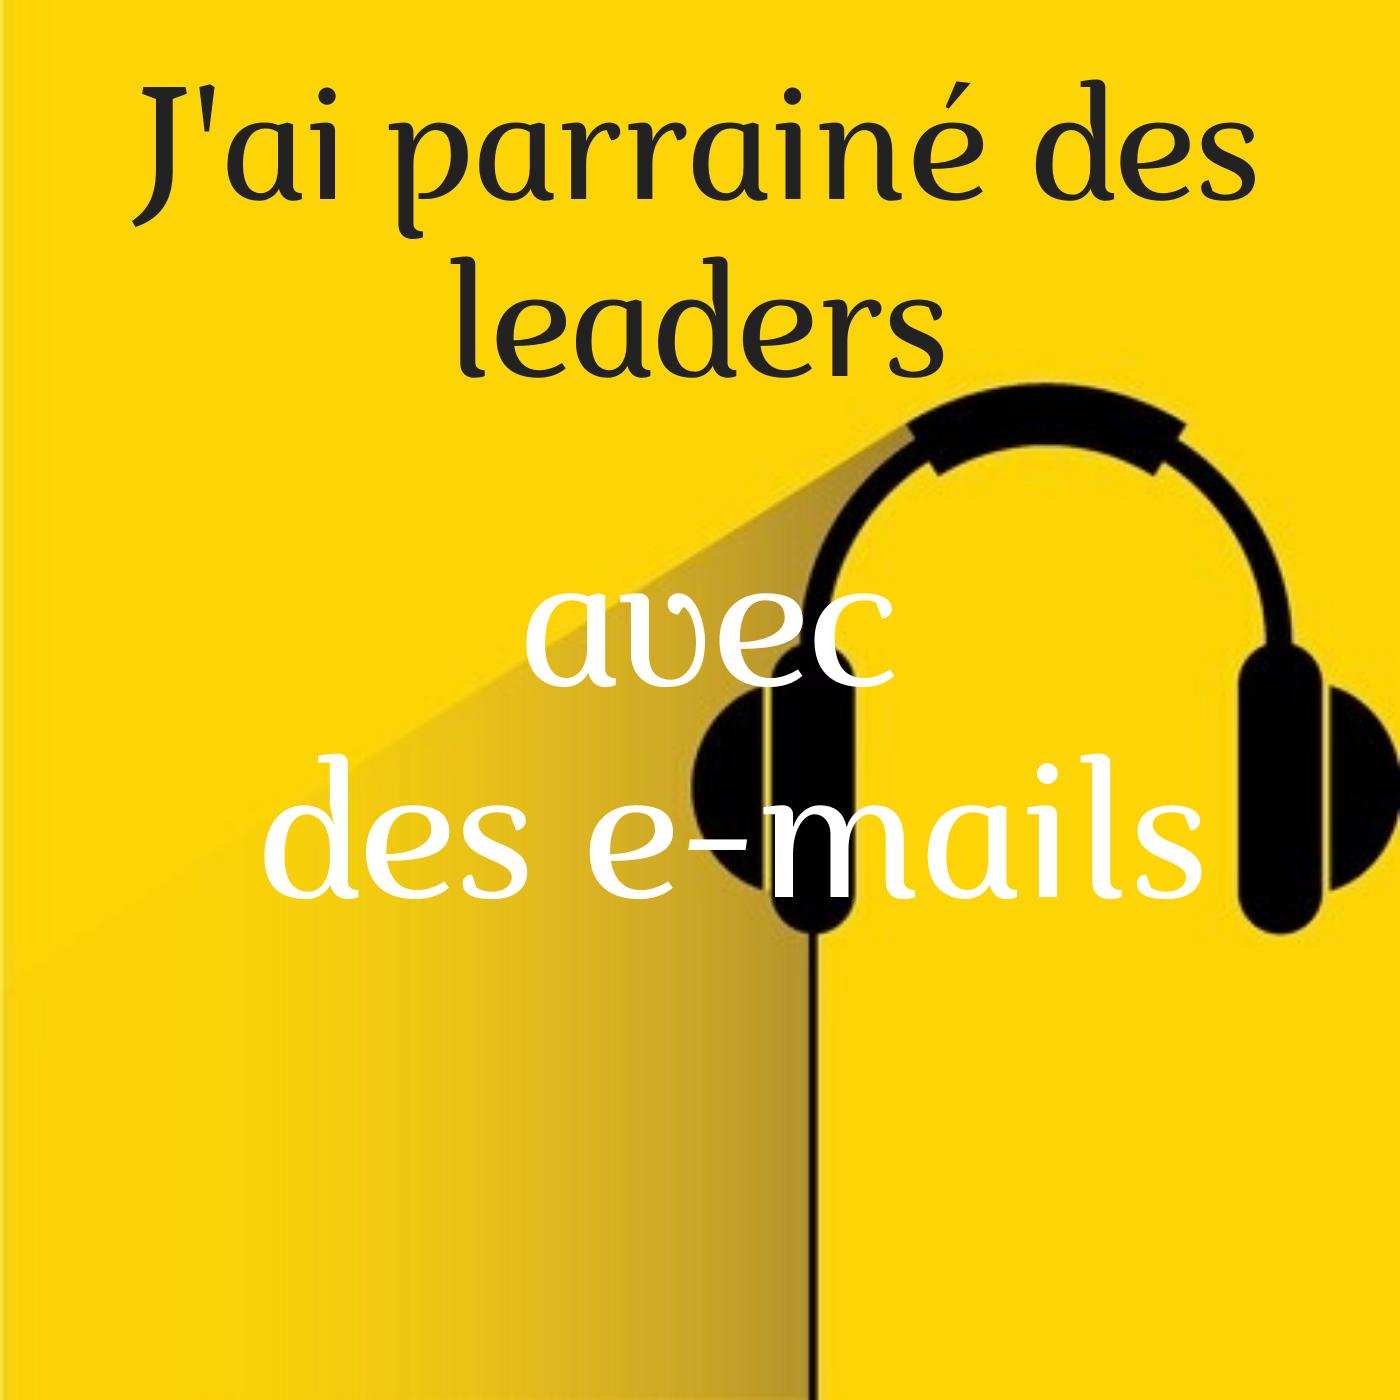 J'ai parrainé des leaders avec des e-mails